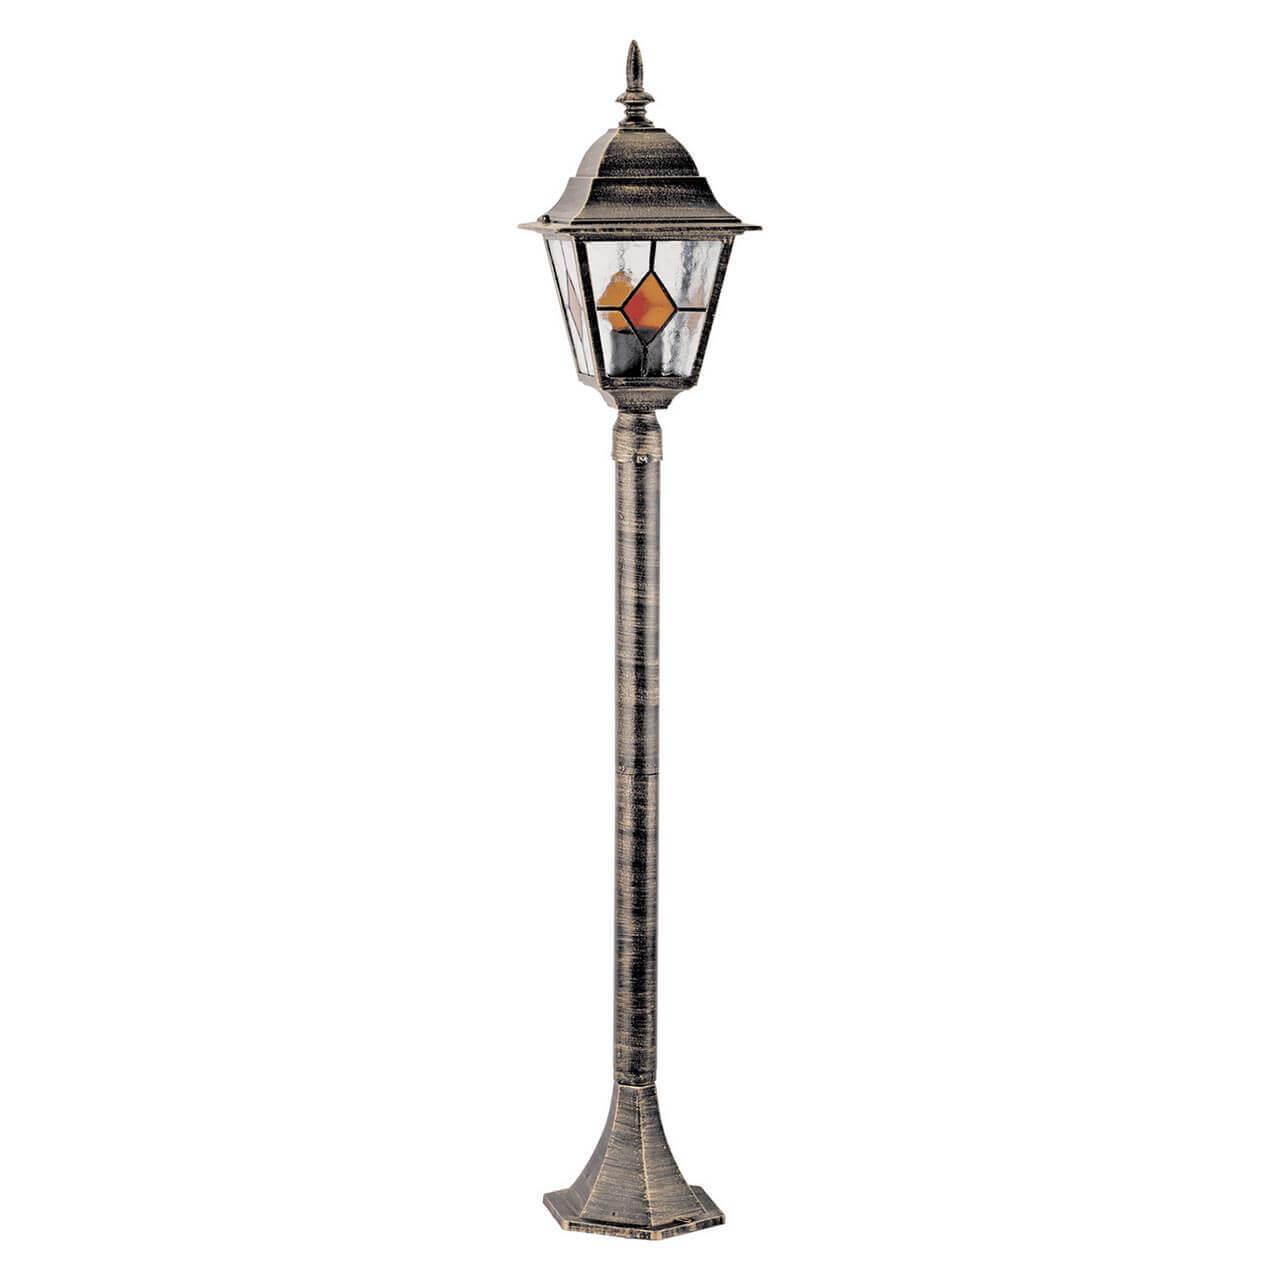 цены на Уличный светильник Arte Lamp Berlin A1016PA-1BN  в интернет-магазинах